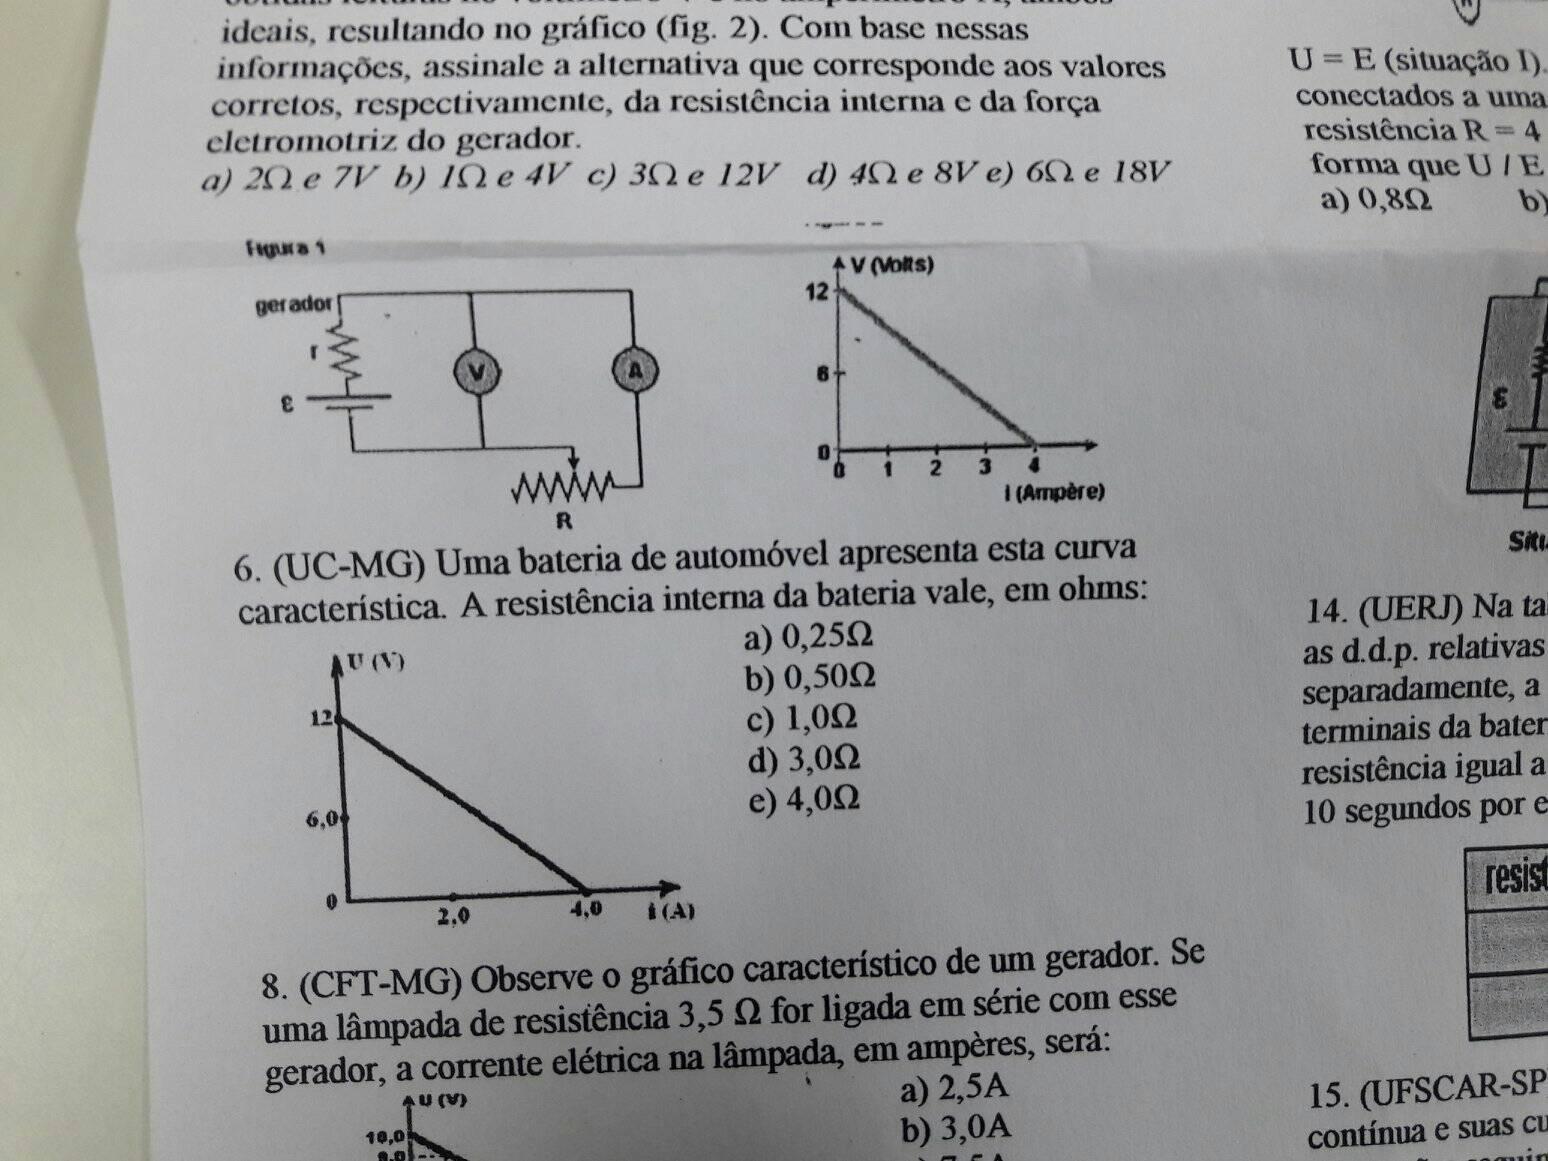 Circuito Eletrico : O circuito elétrico fig é utilizado para a determinação da